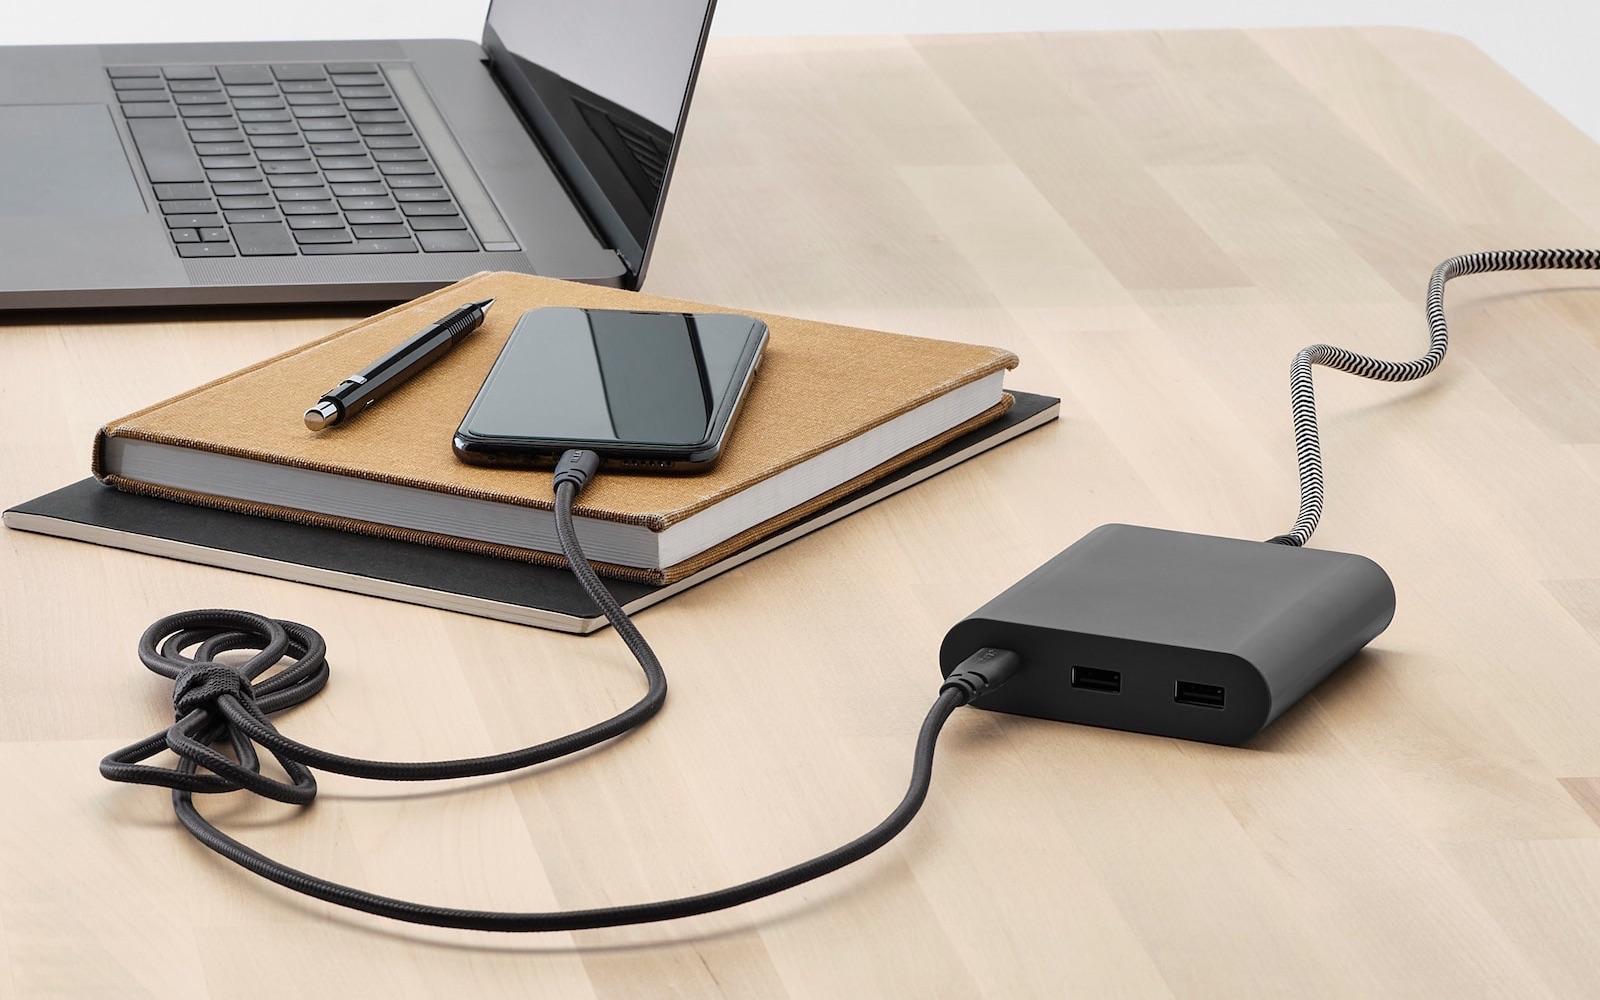 IKEA LILLHULT usb-c-naar-lightning kabel op een bureau.